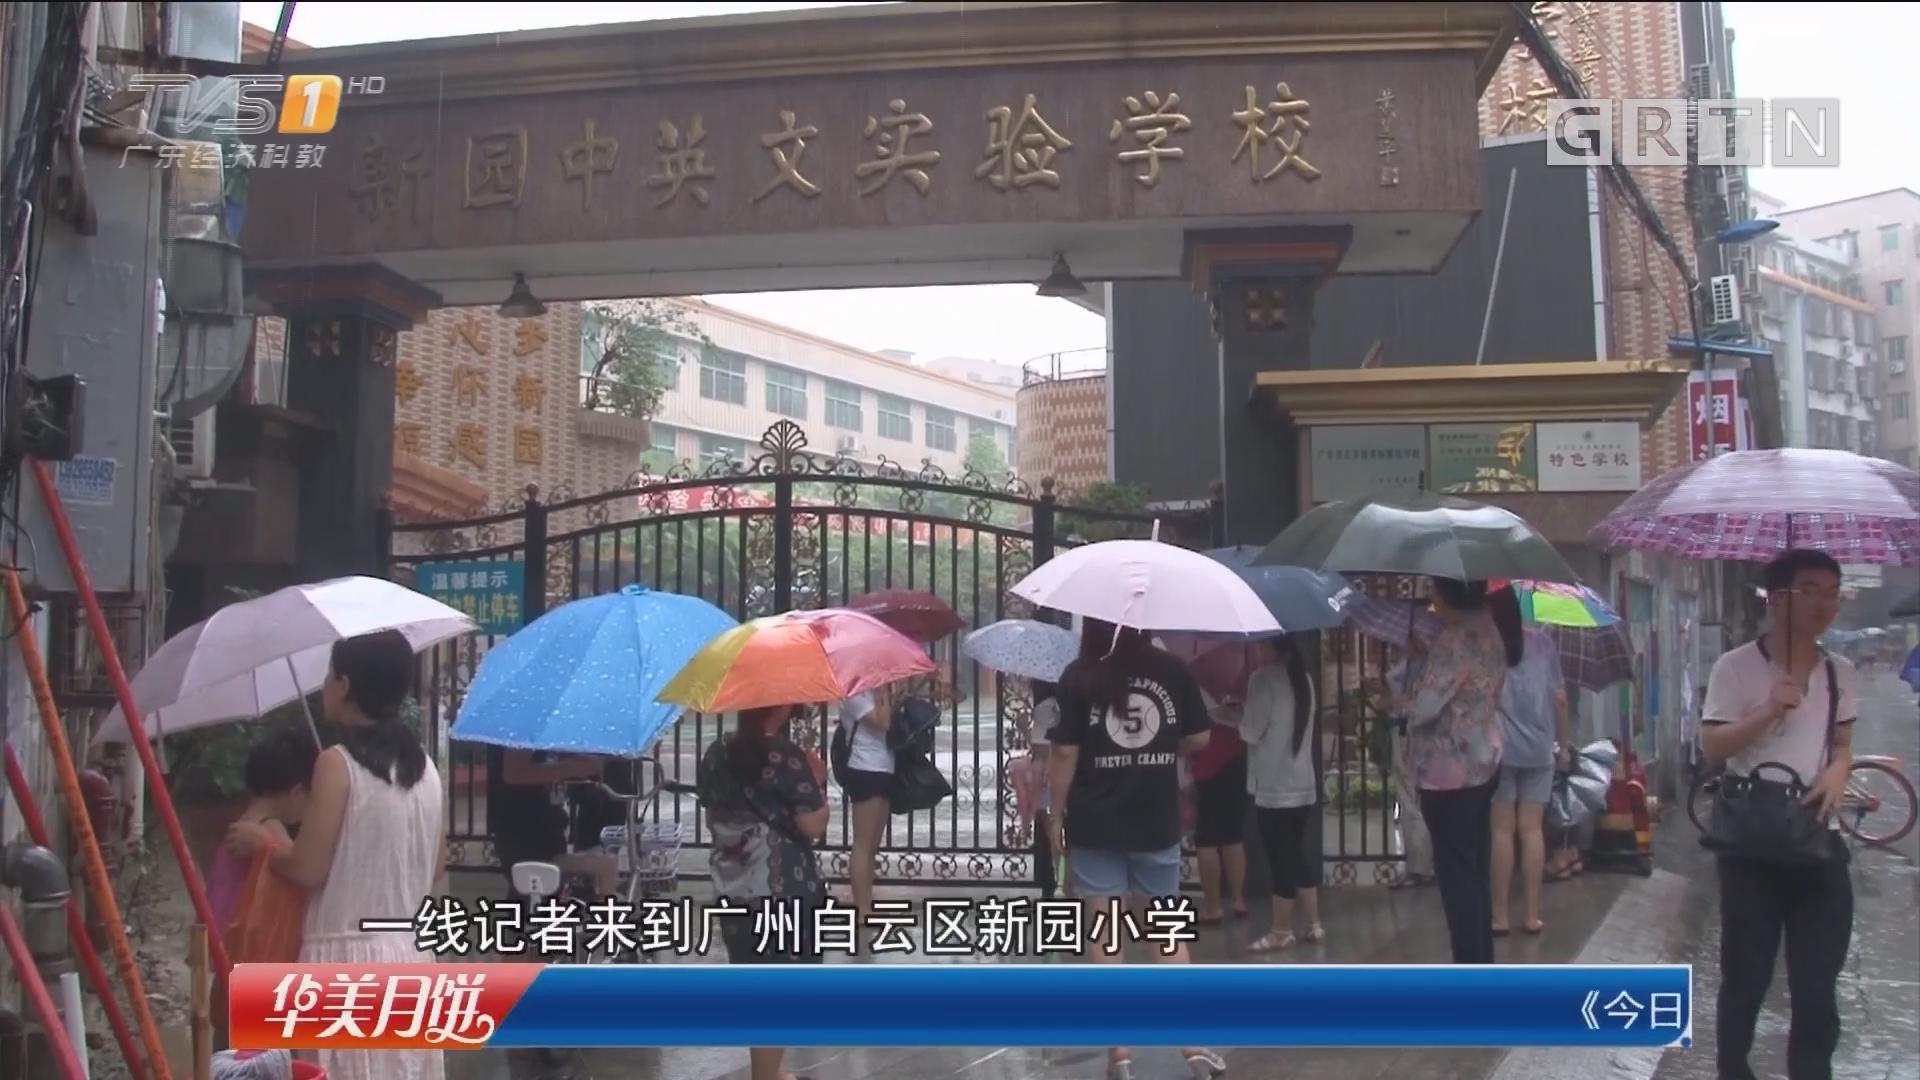 广州:发布暴雨红色预警 中小学下午停课